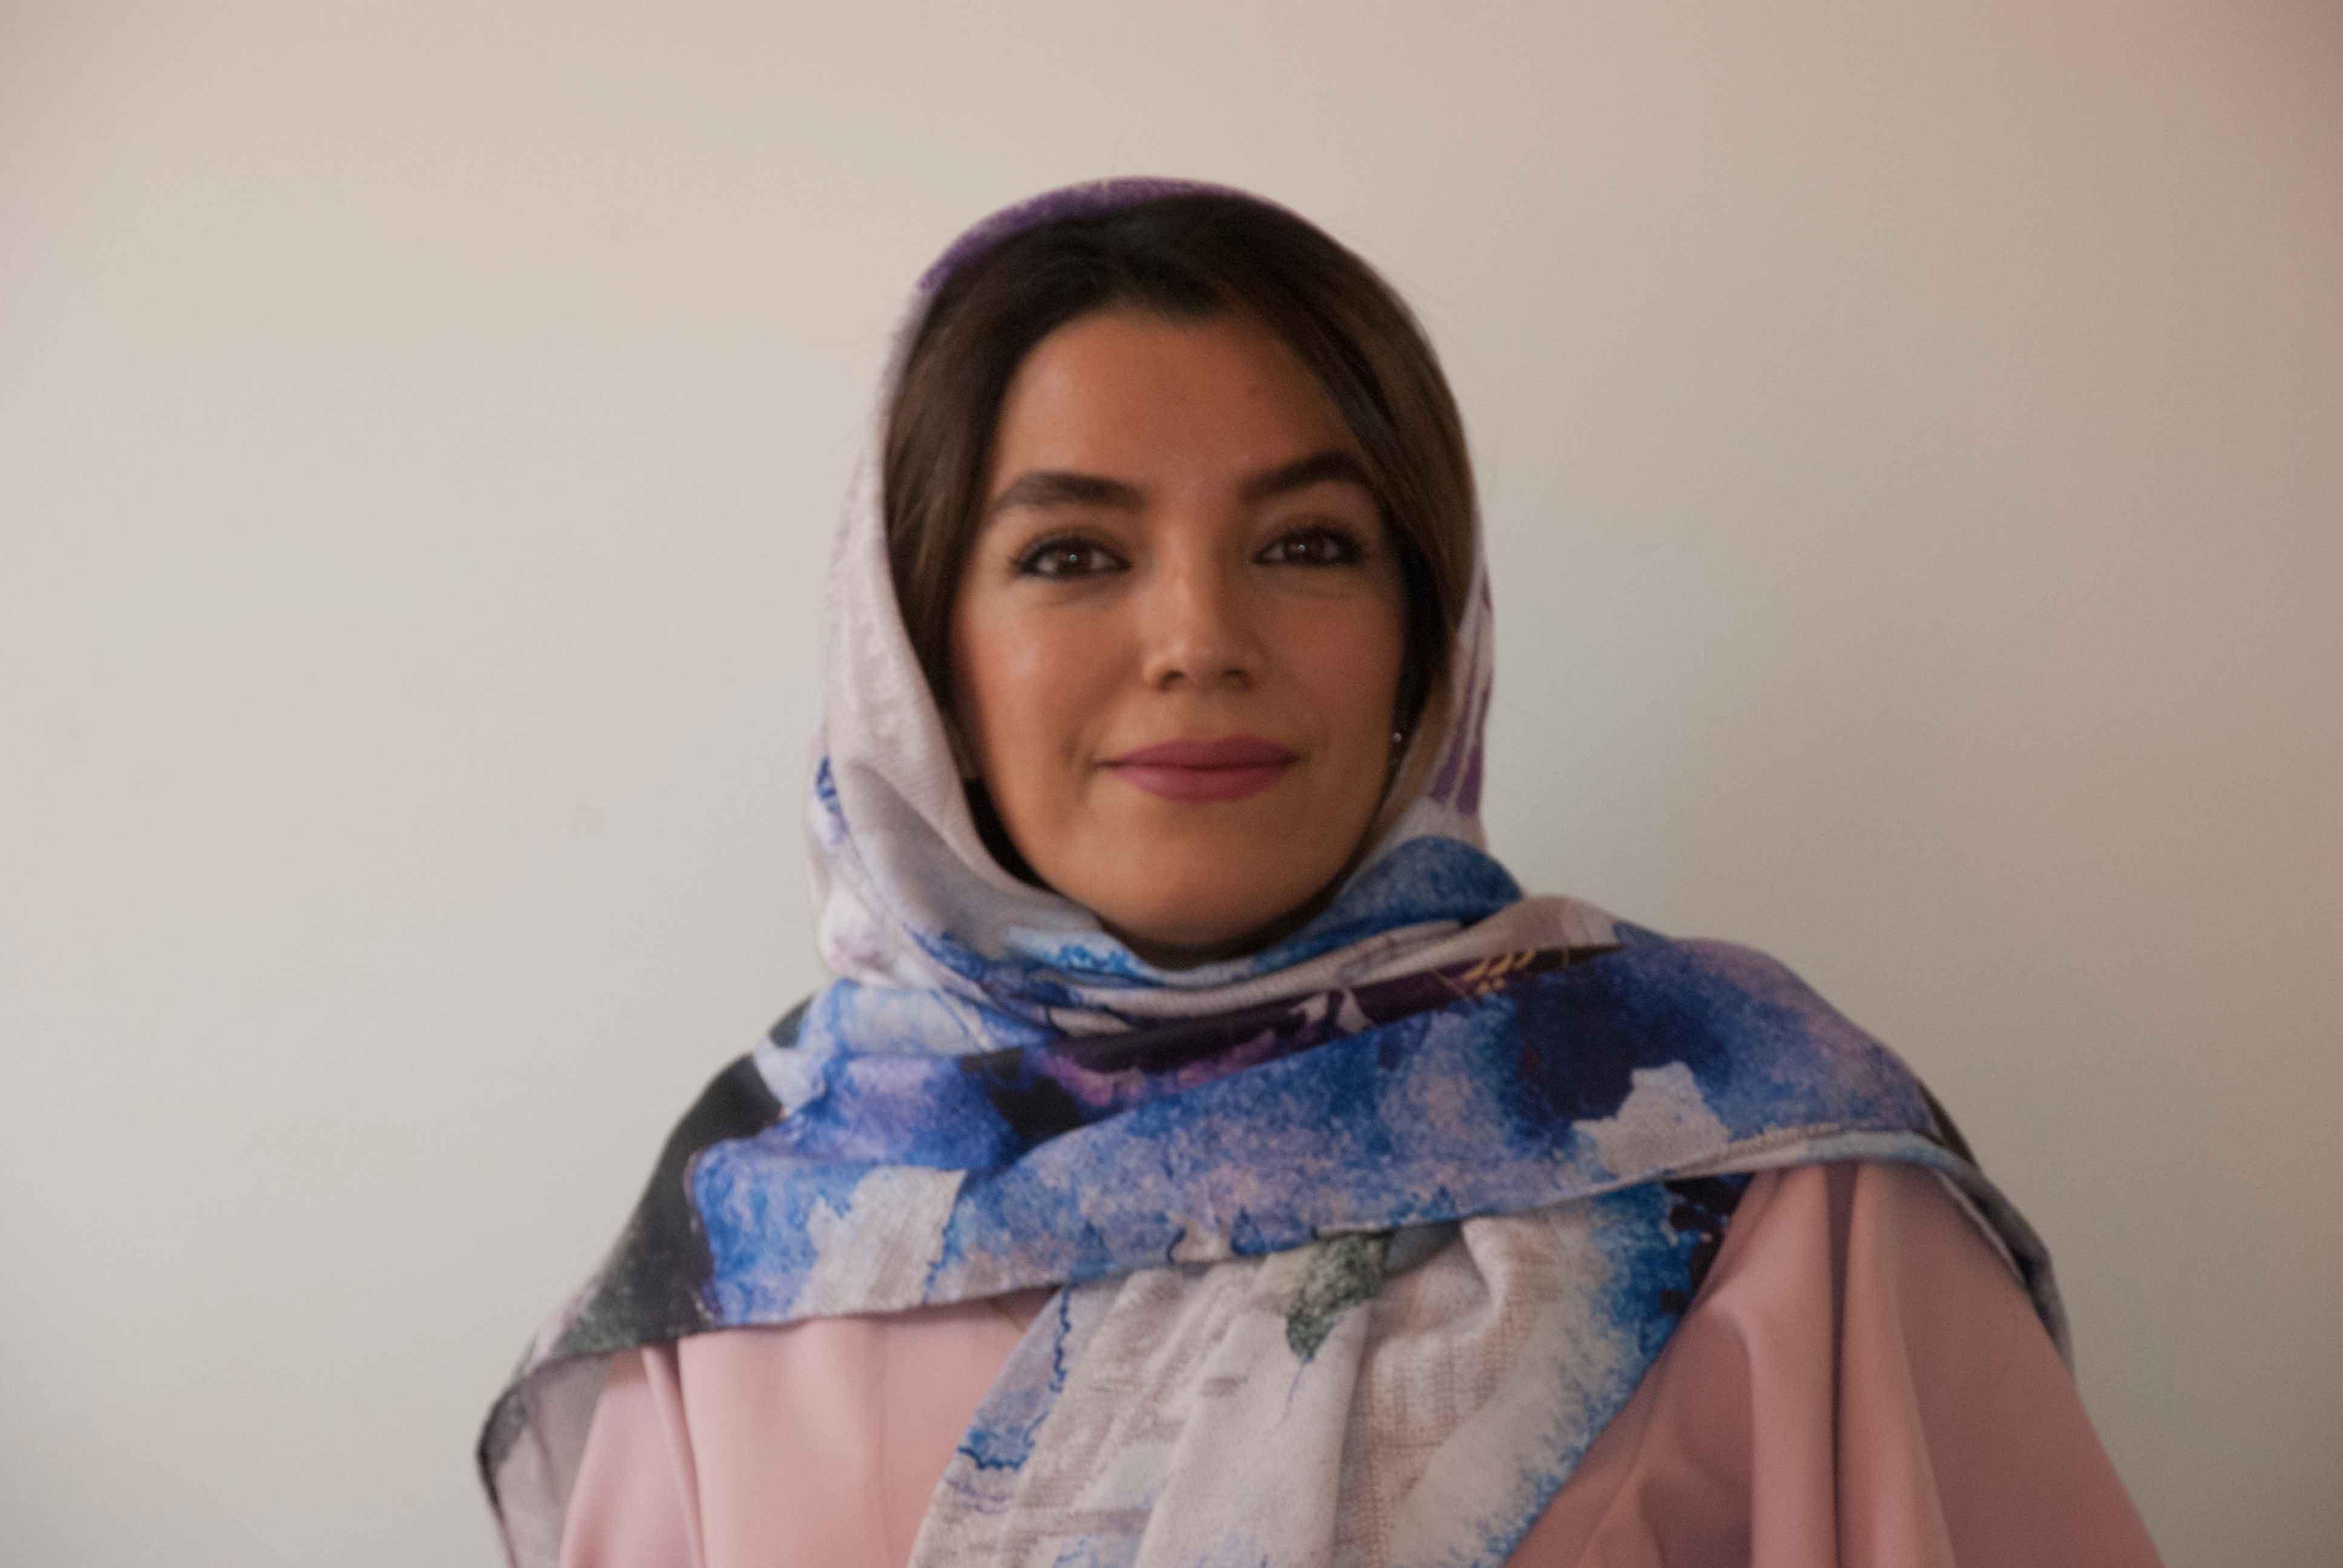 دکتر-سارا-سجادی-فر-متخصص زوج درمانگر اکسیر